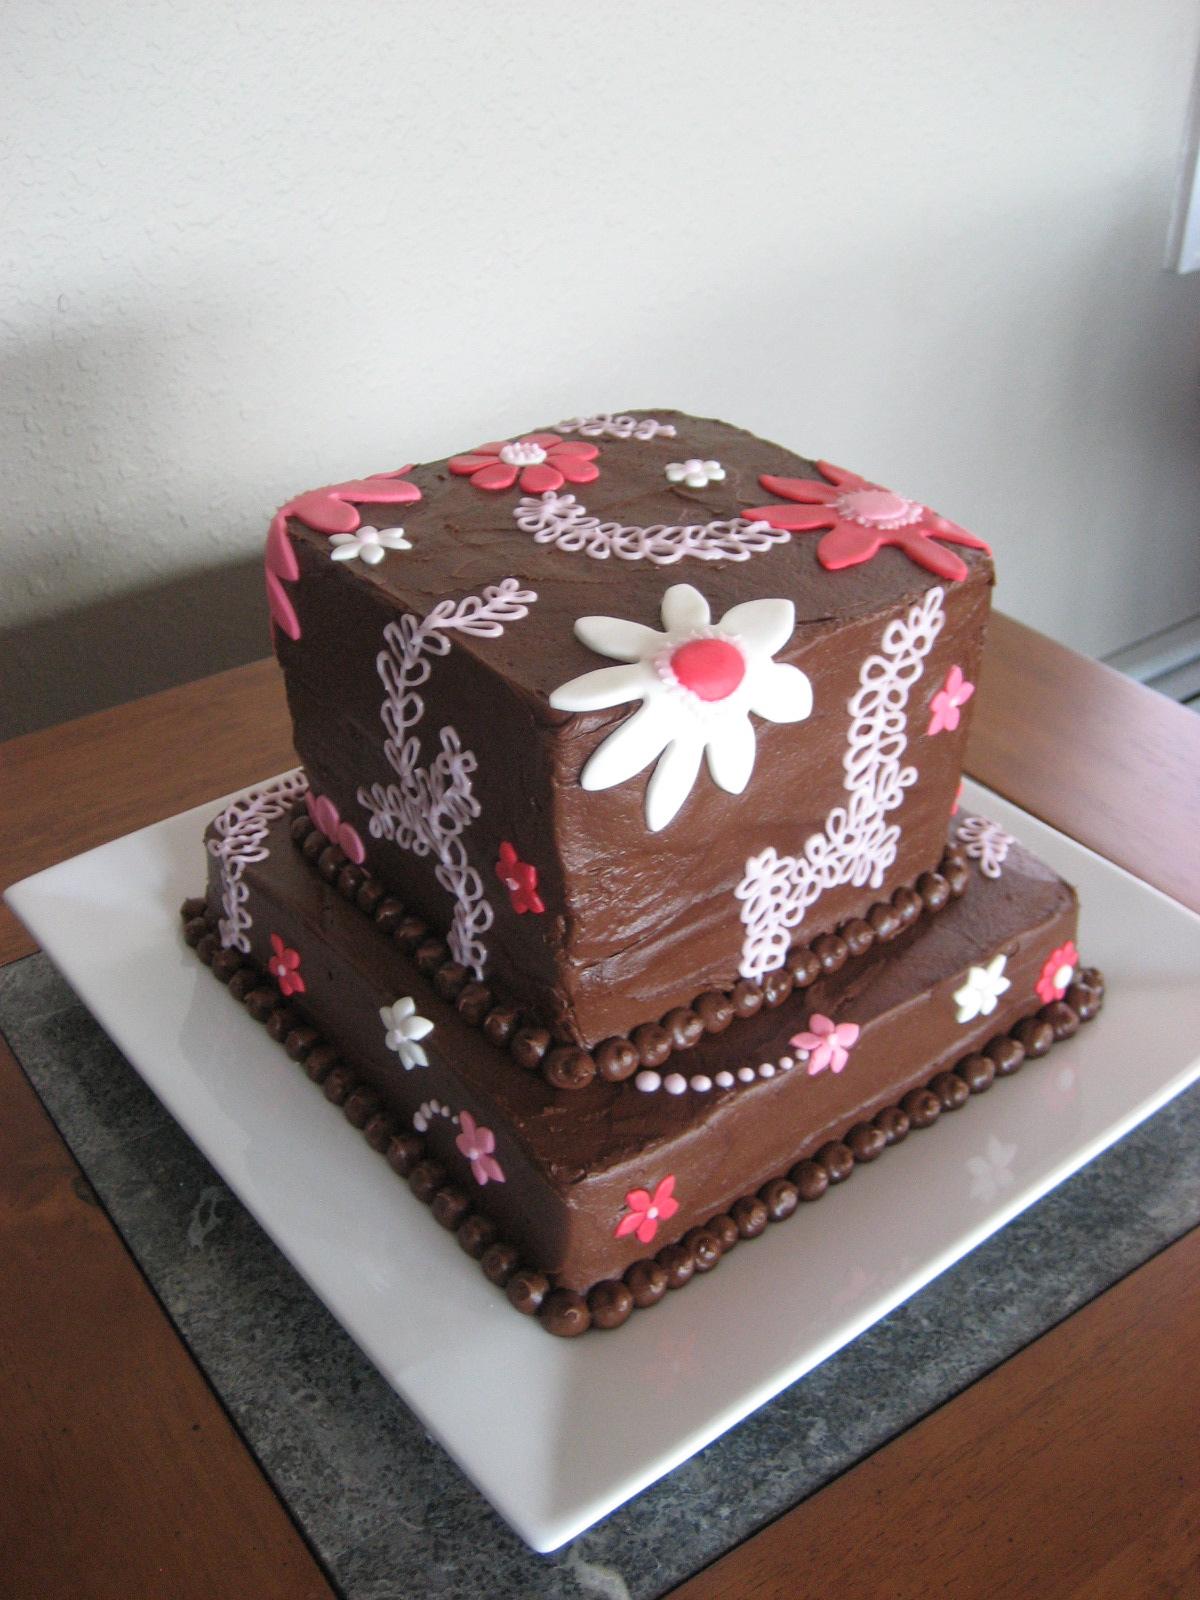 Beni Cakes September 2010